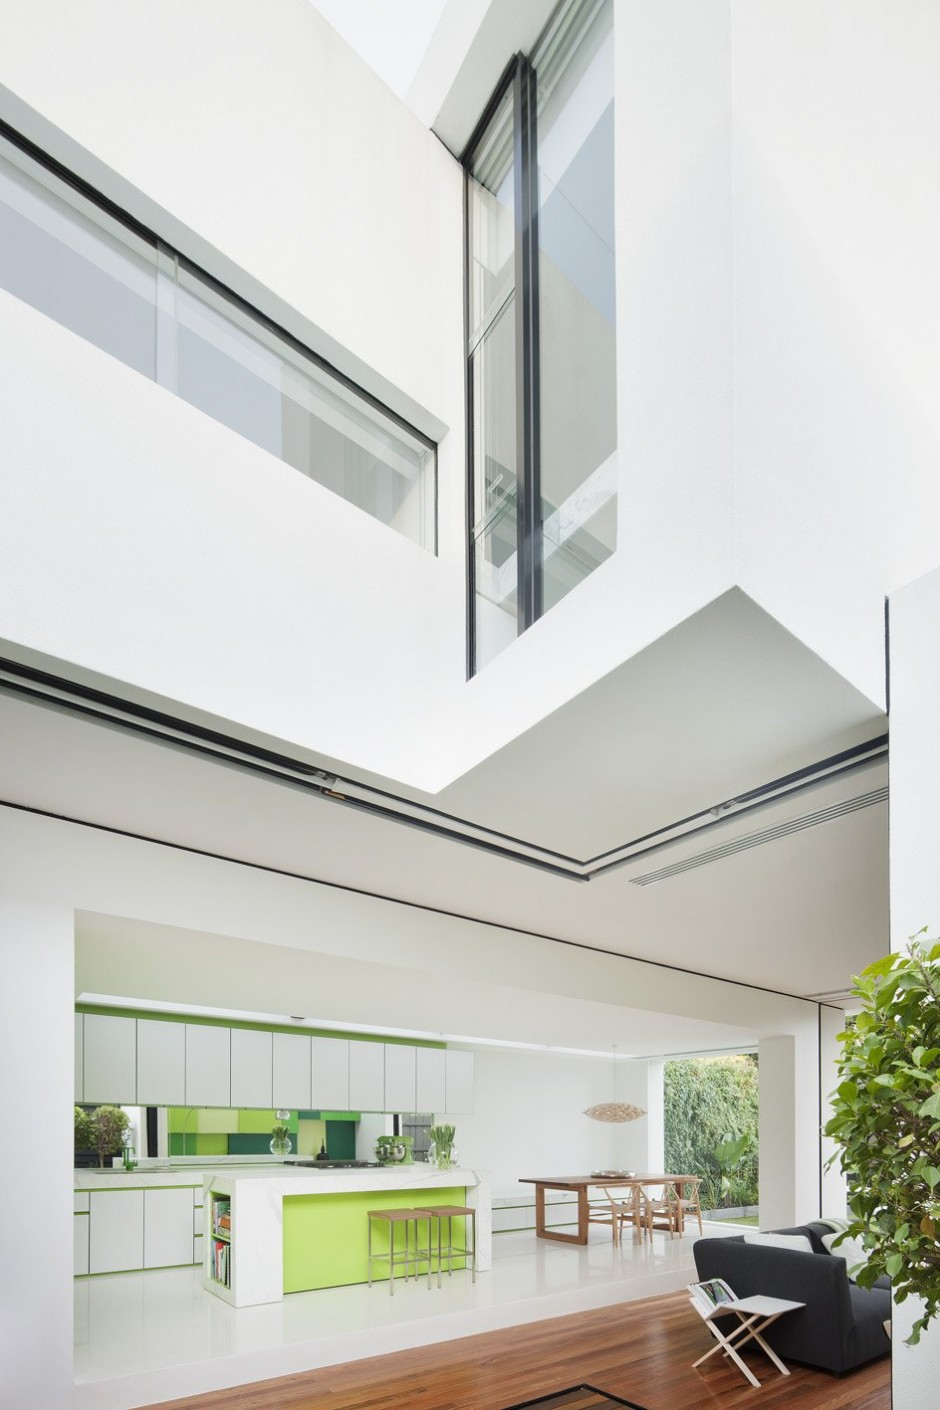 View In Gallery Rumah Minimalis Yang Mewah